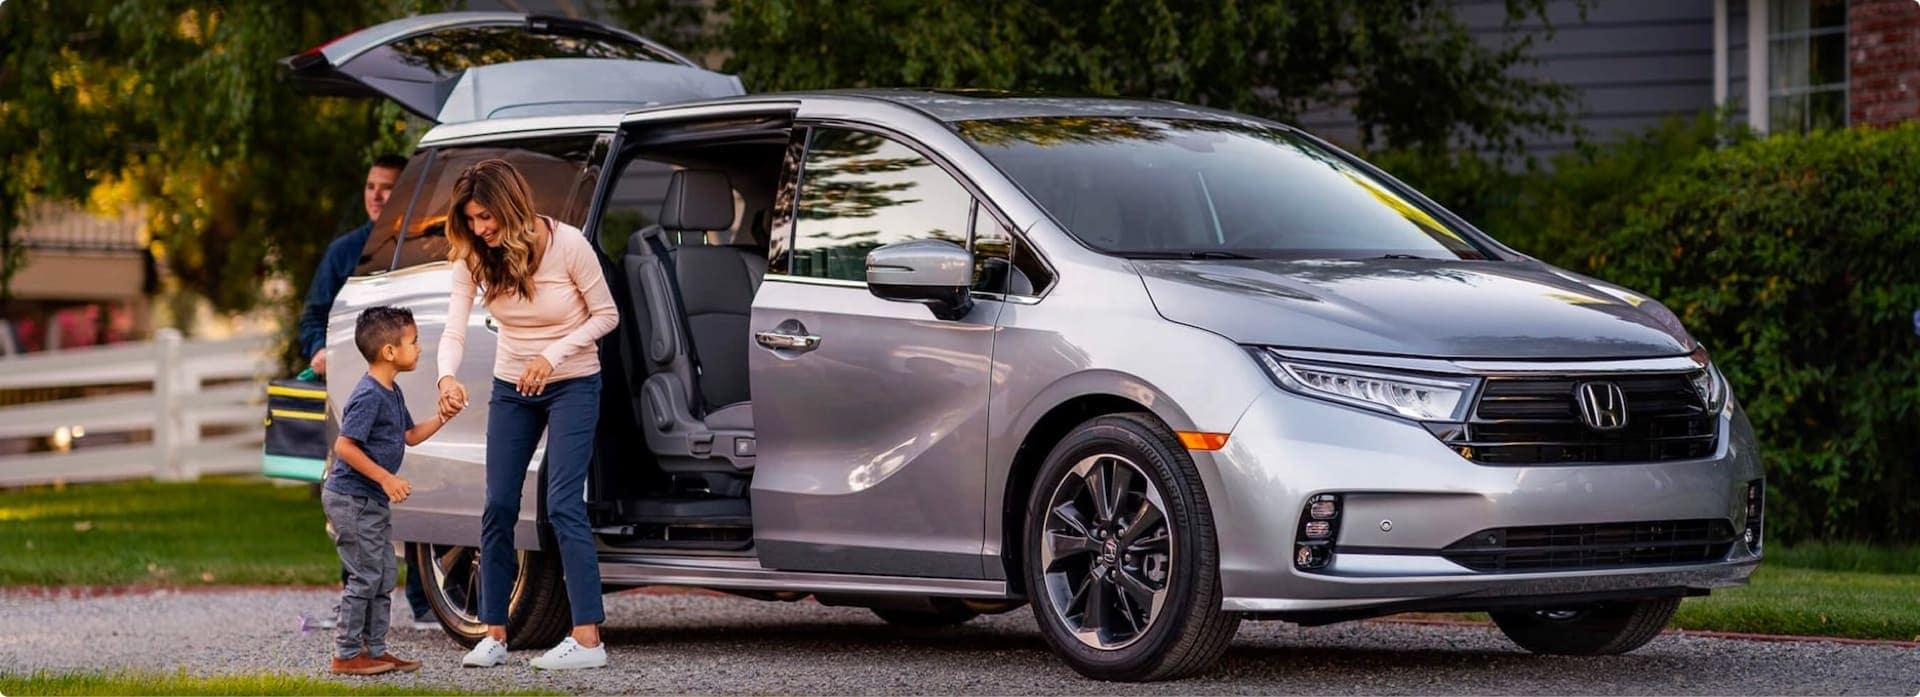 An exterior shot of a Honda.